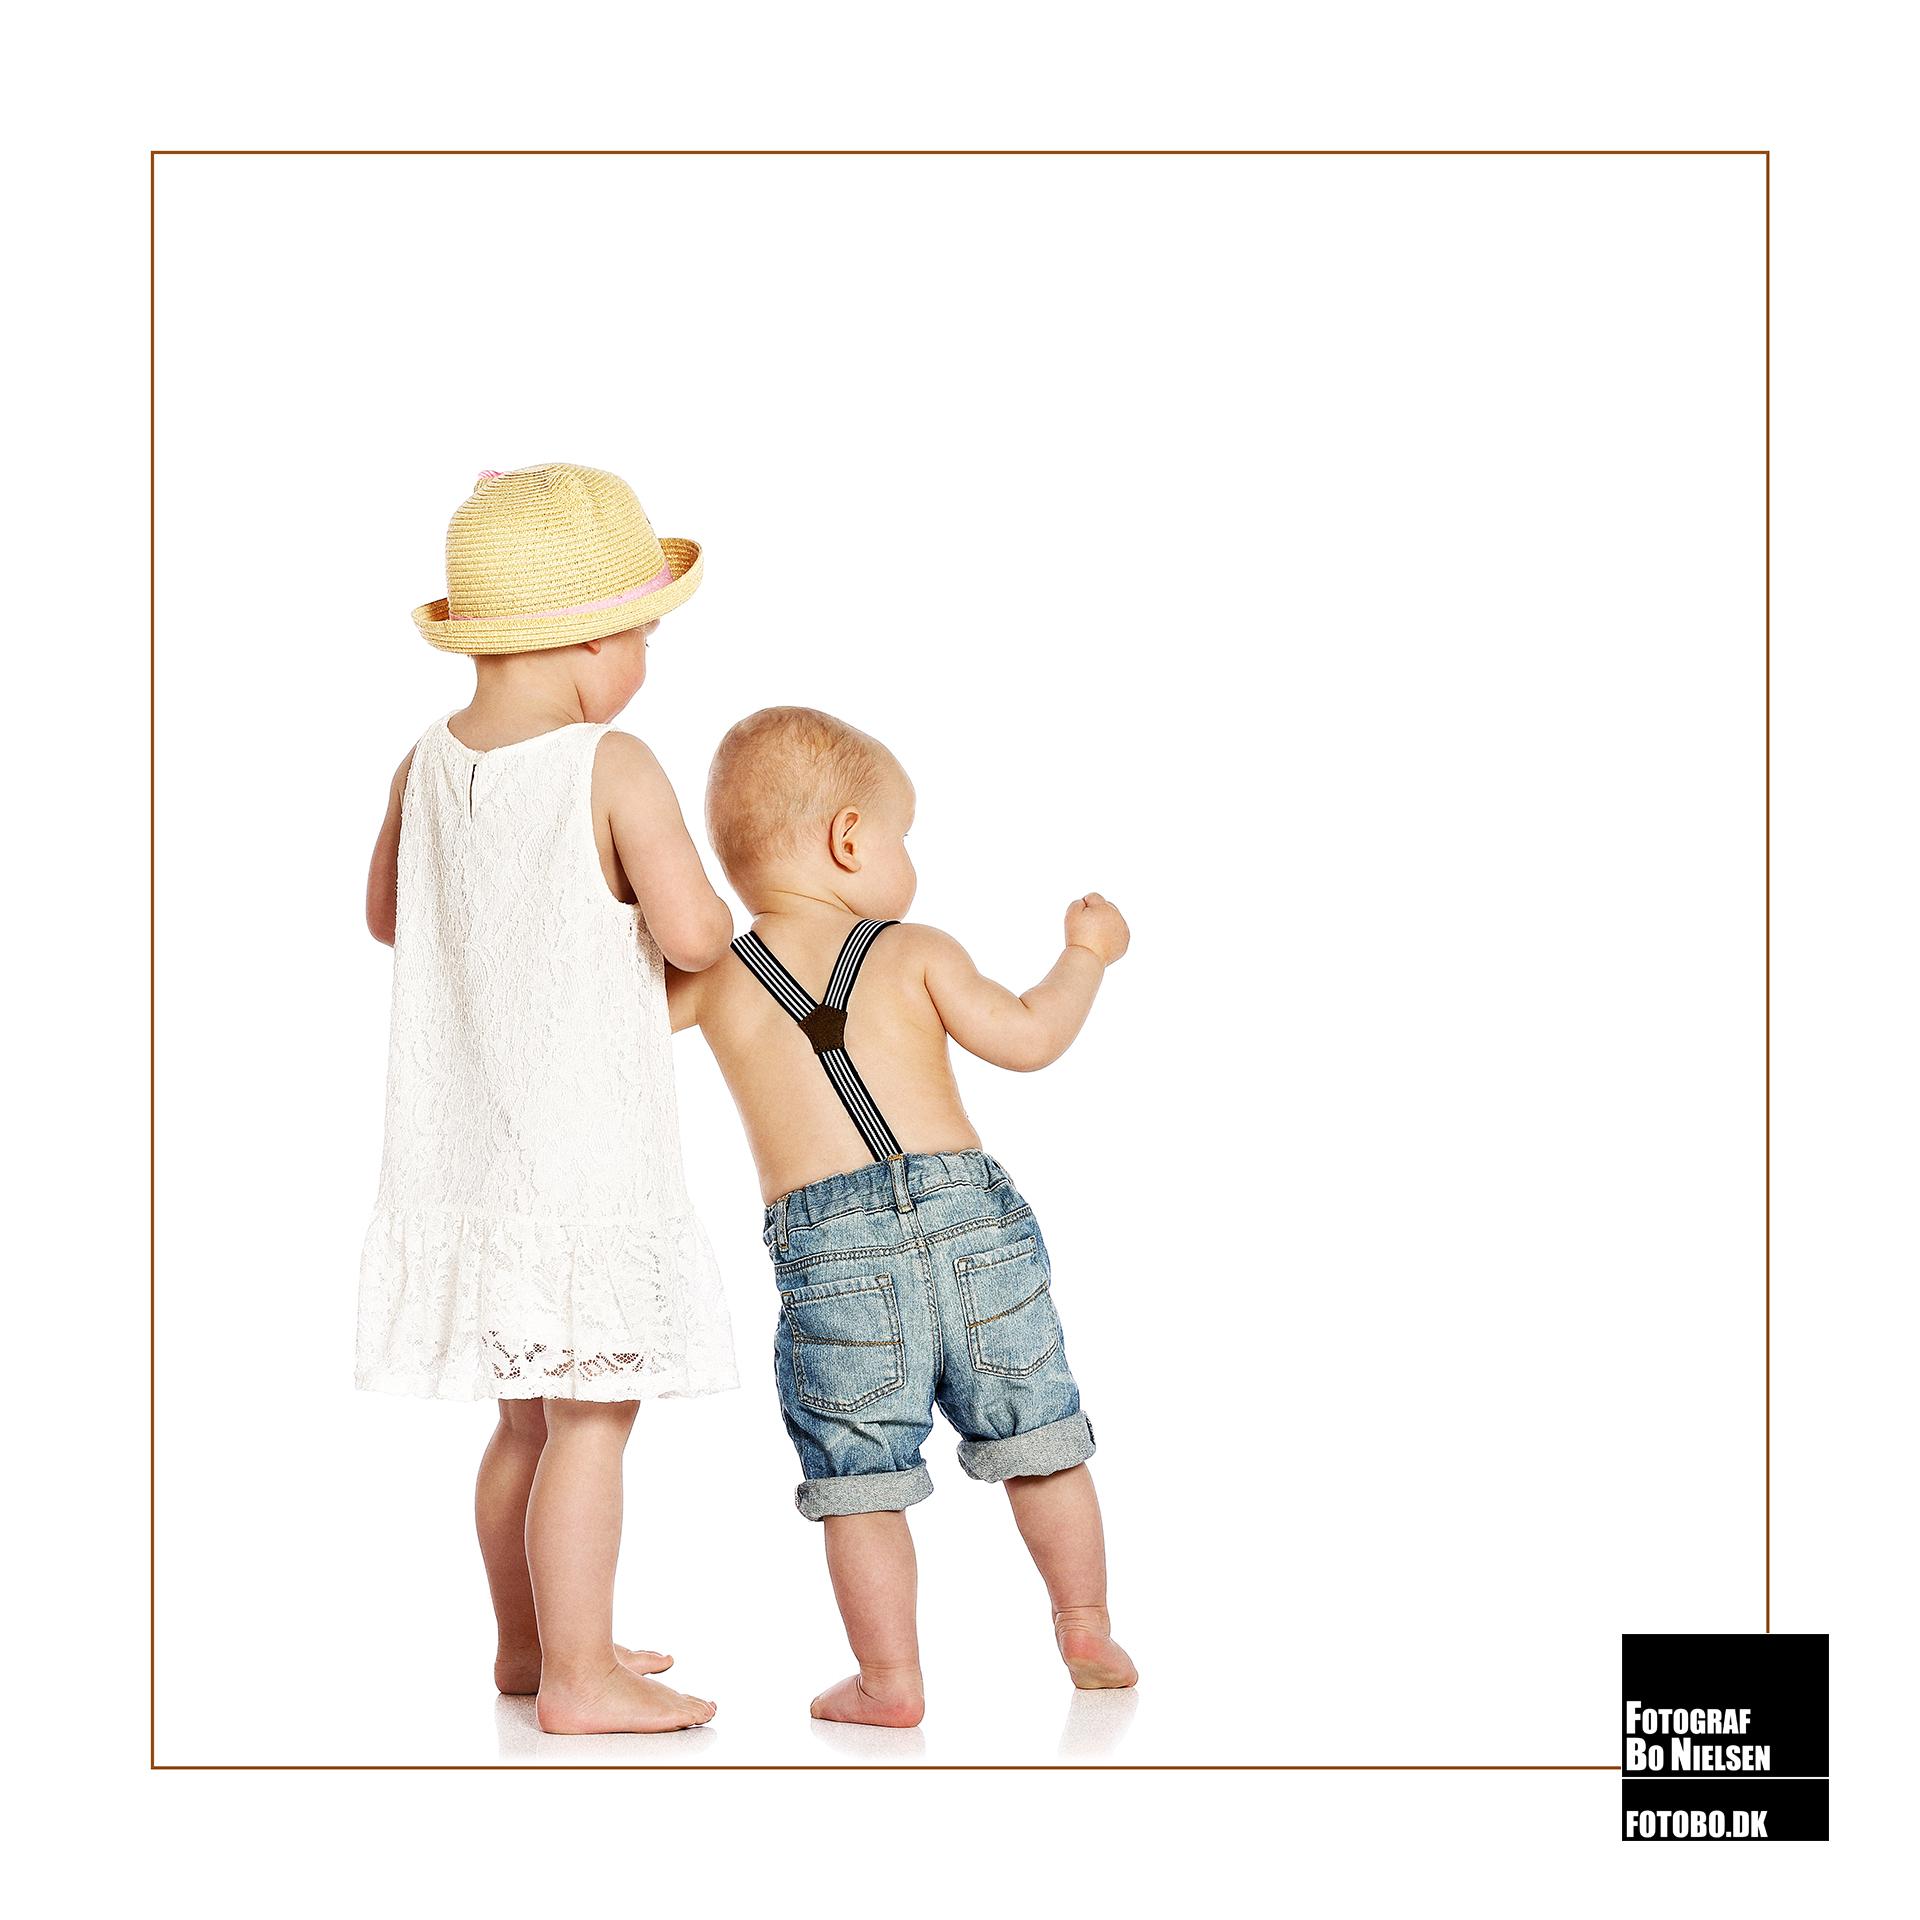 Fotograf Kolding, 2 børn fotograferet i studiet hos fotograf Bo Nielsen i Kolding